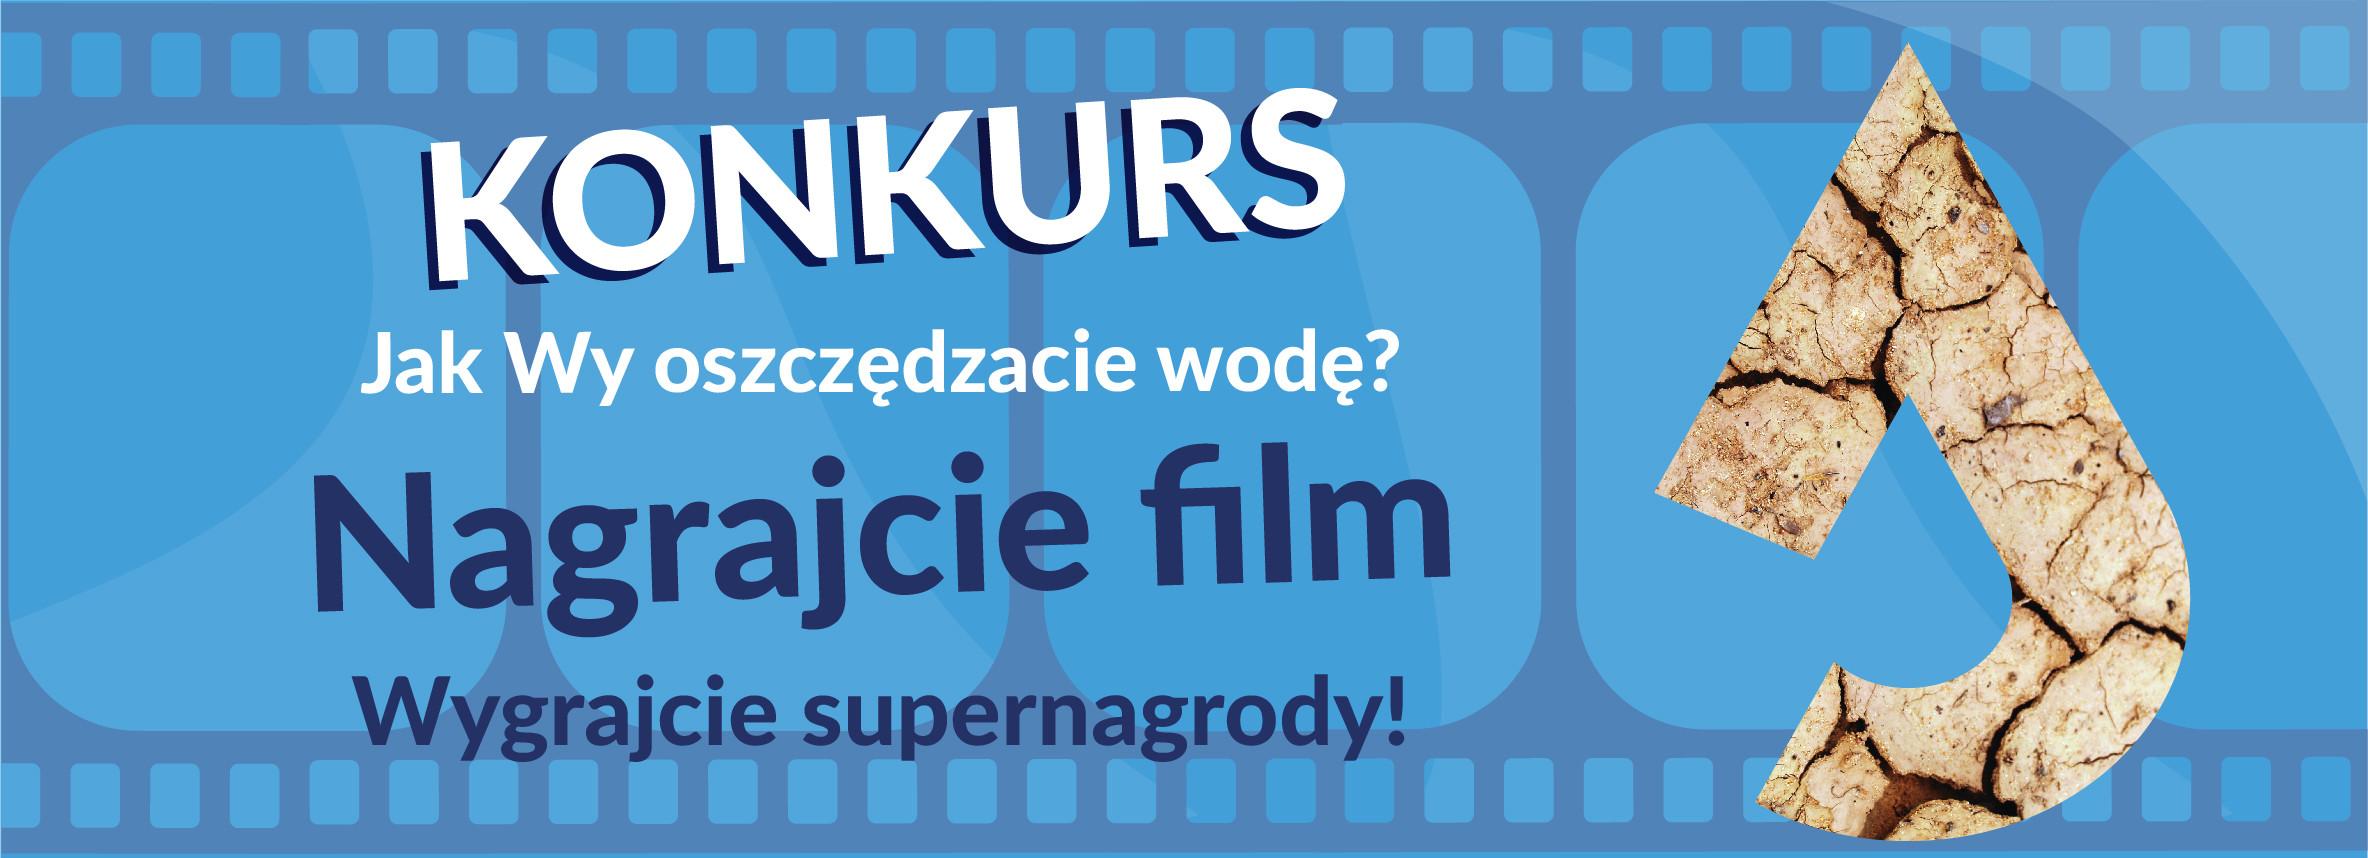 http://konkurs-stopsuszy.wide-vision.pl/wp-content/uploads/2019/08/konkurs-stop-suszy-baner.jpg